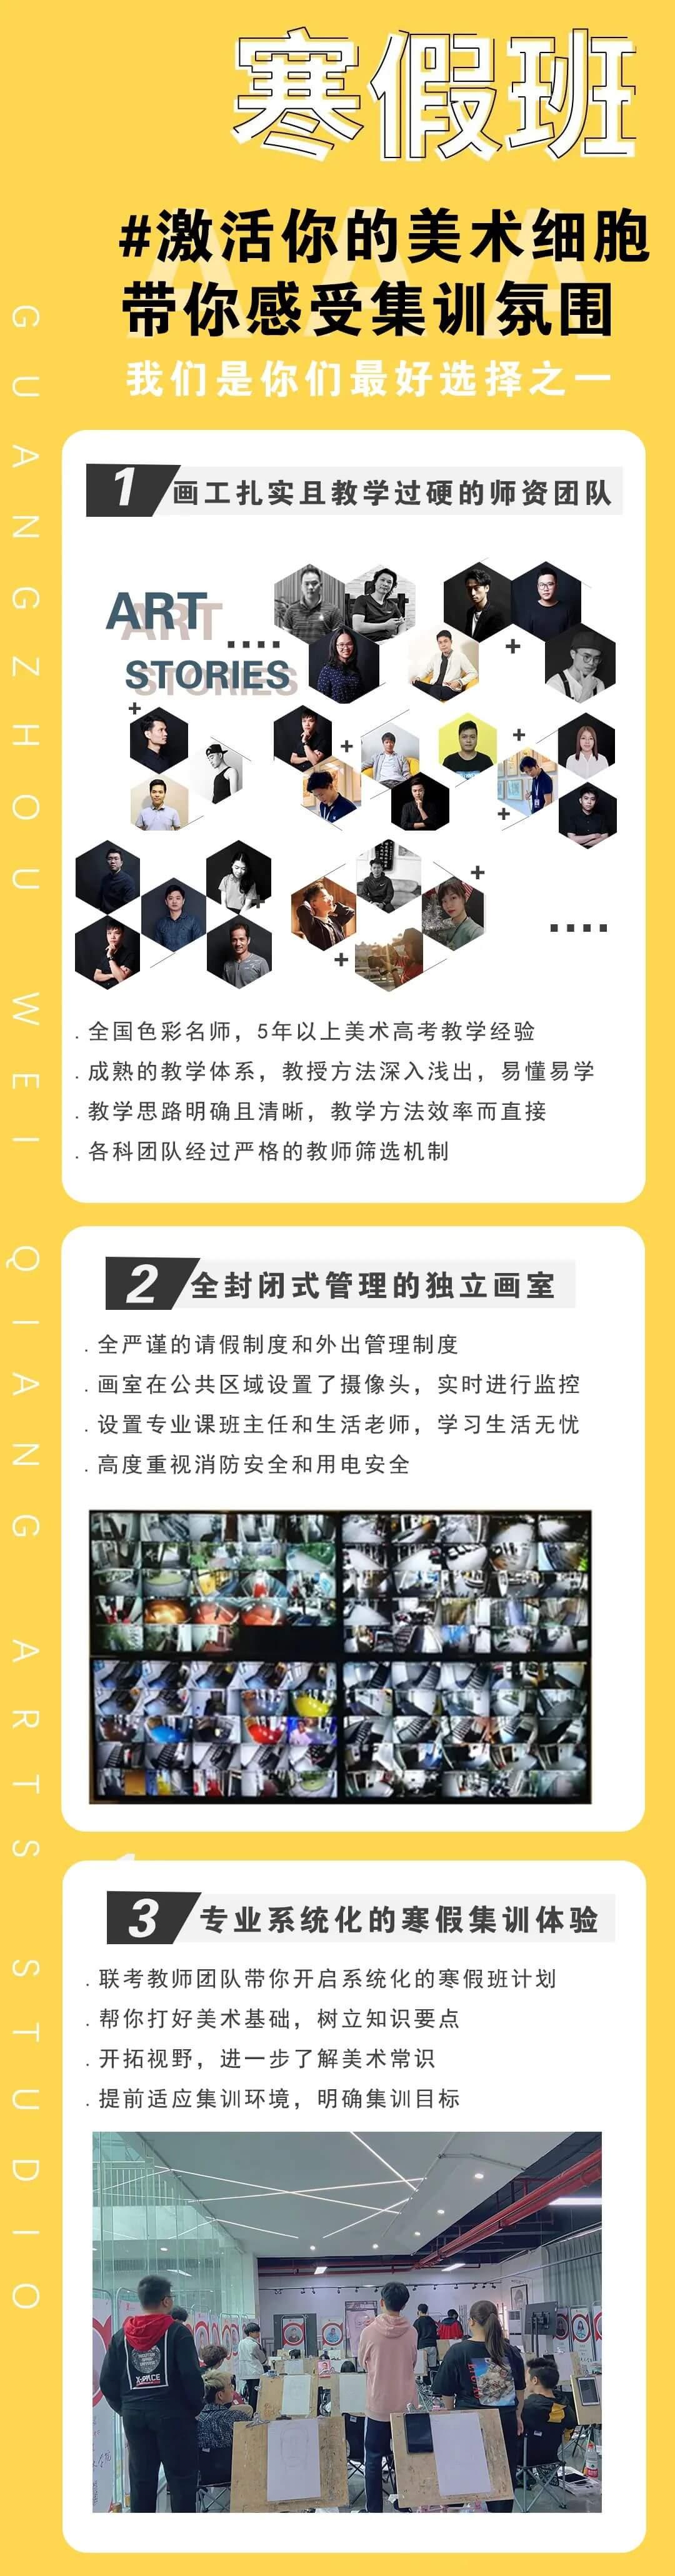 【广州围墙画室寒假班预报名已开启】为梦而生,传奇由你缔造附图5